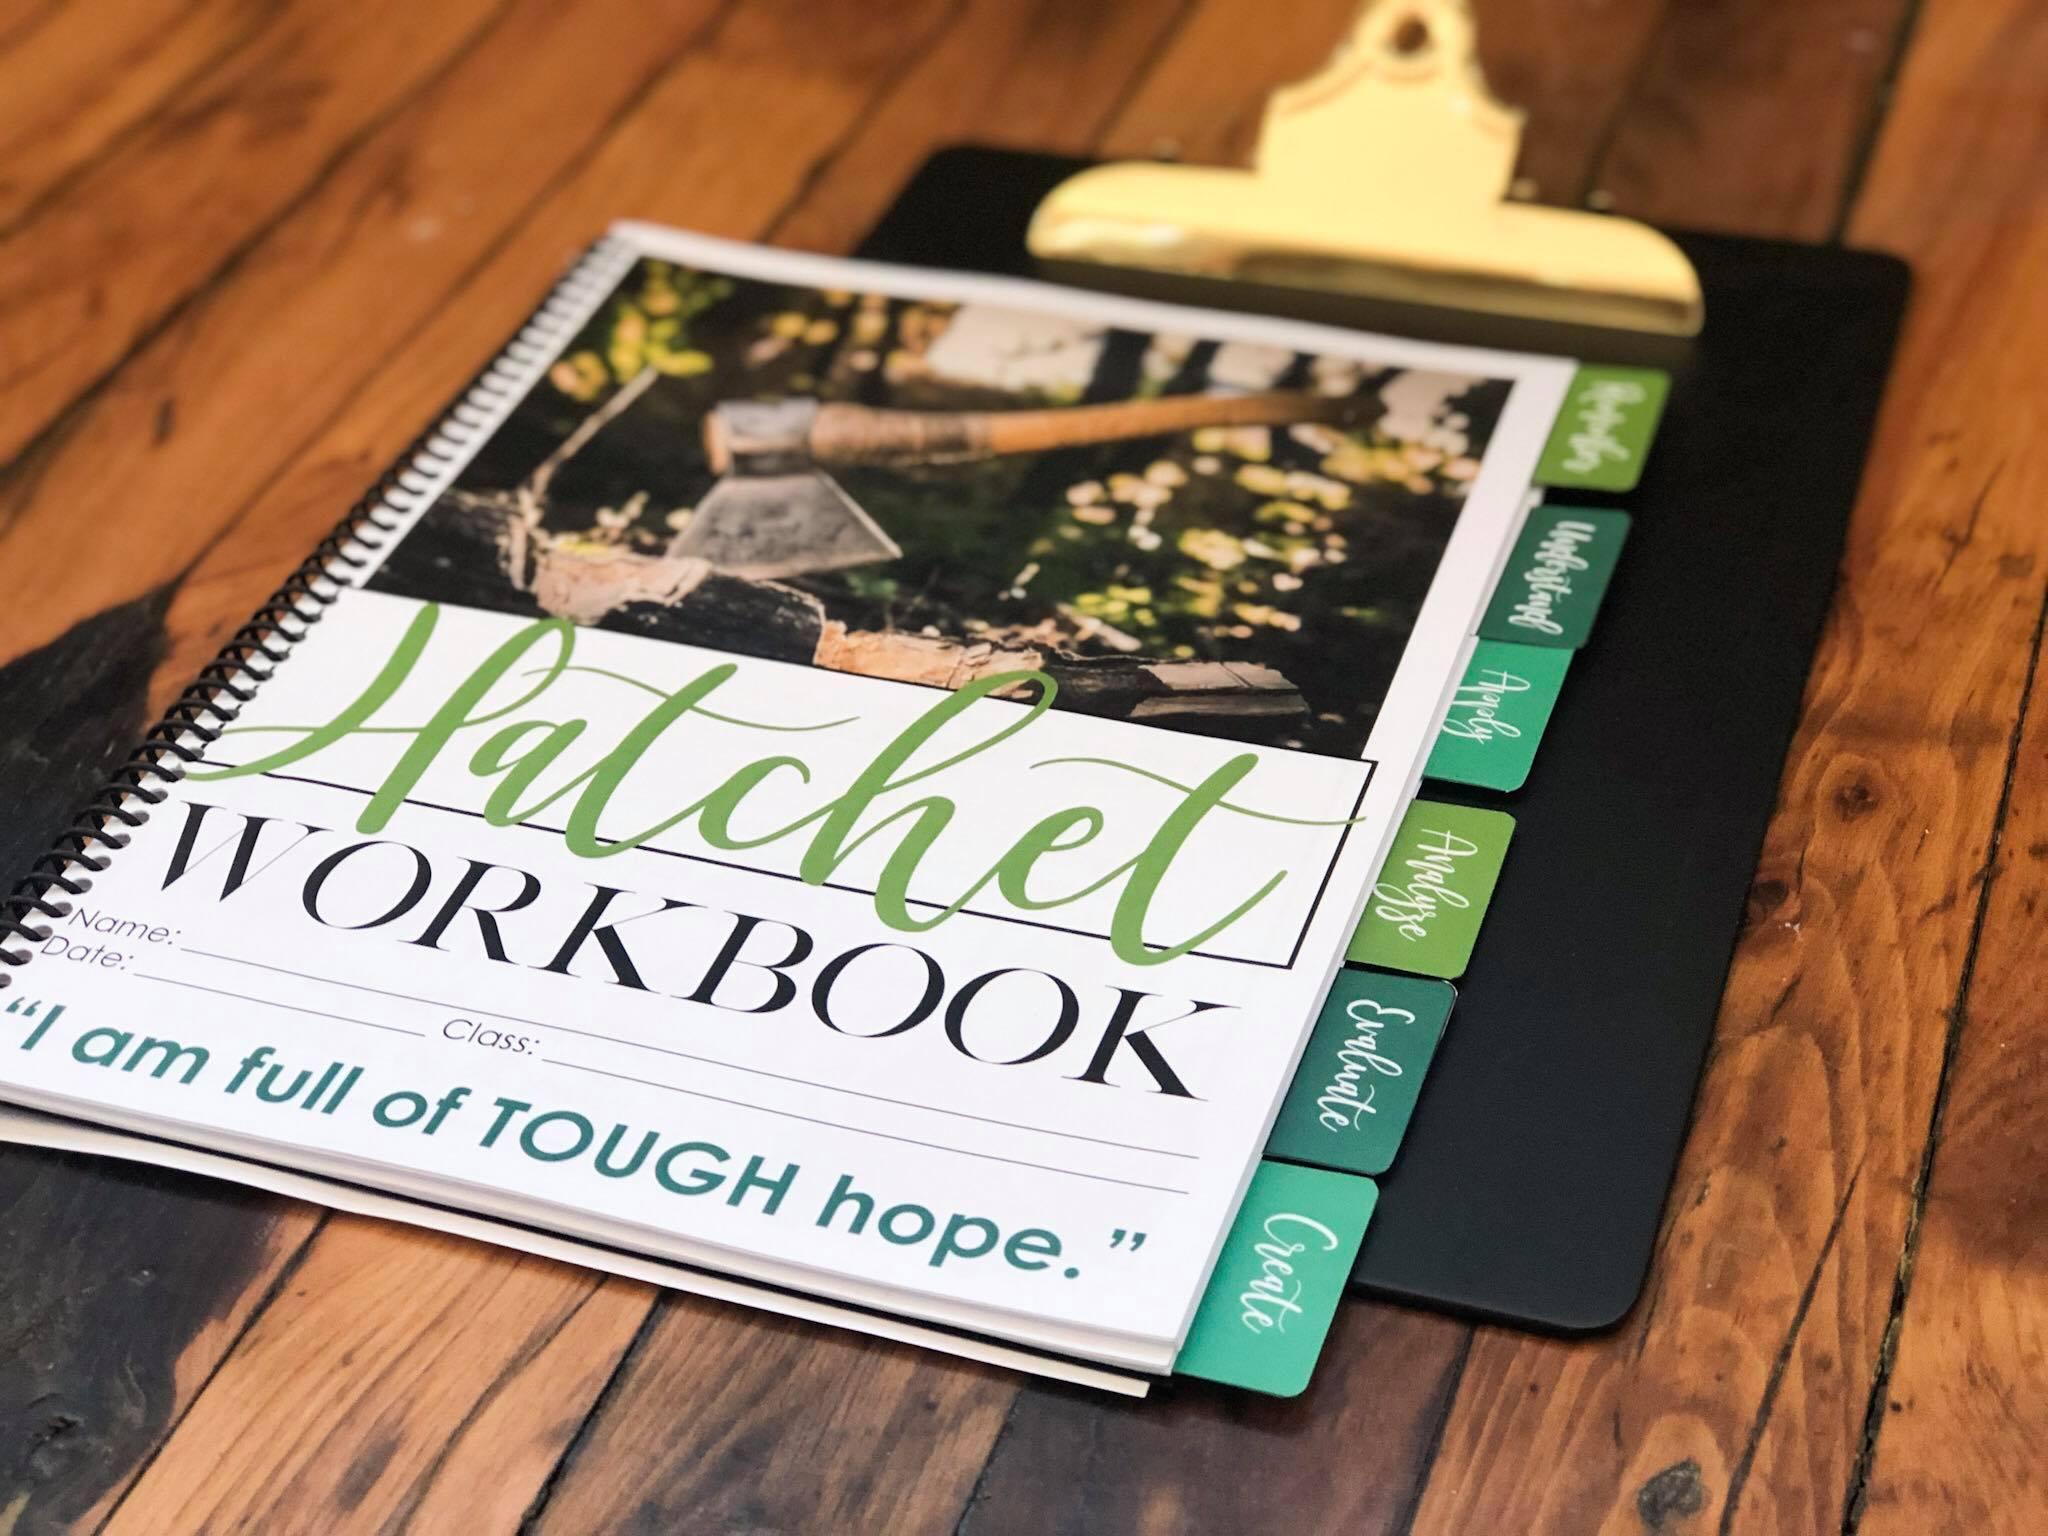 Teaching Hatchet By Gary Paulsen Using A Novel Workbook